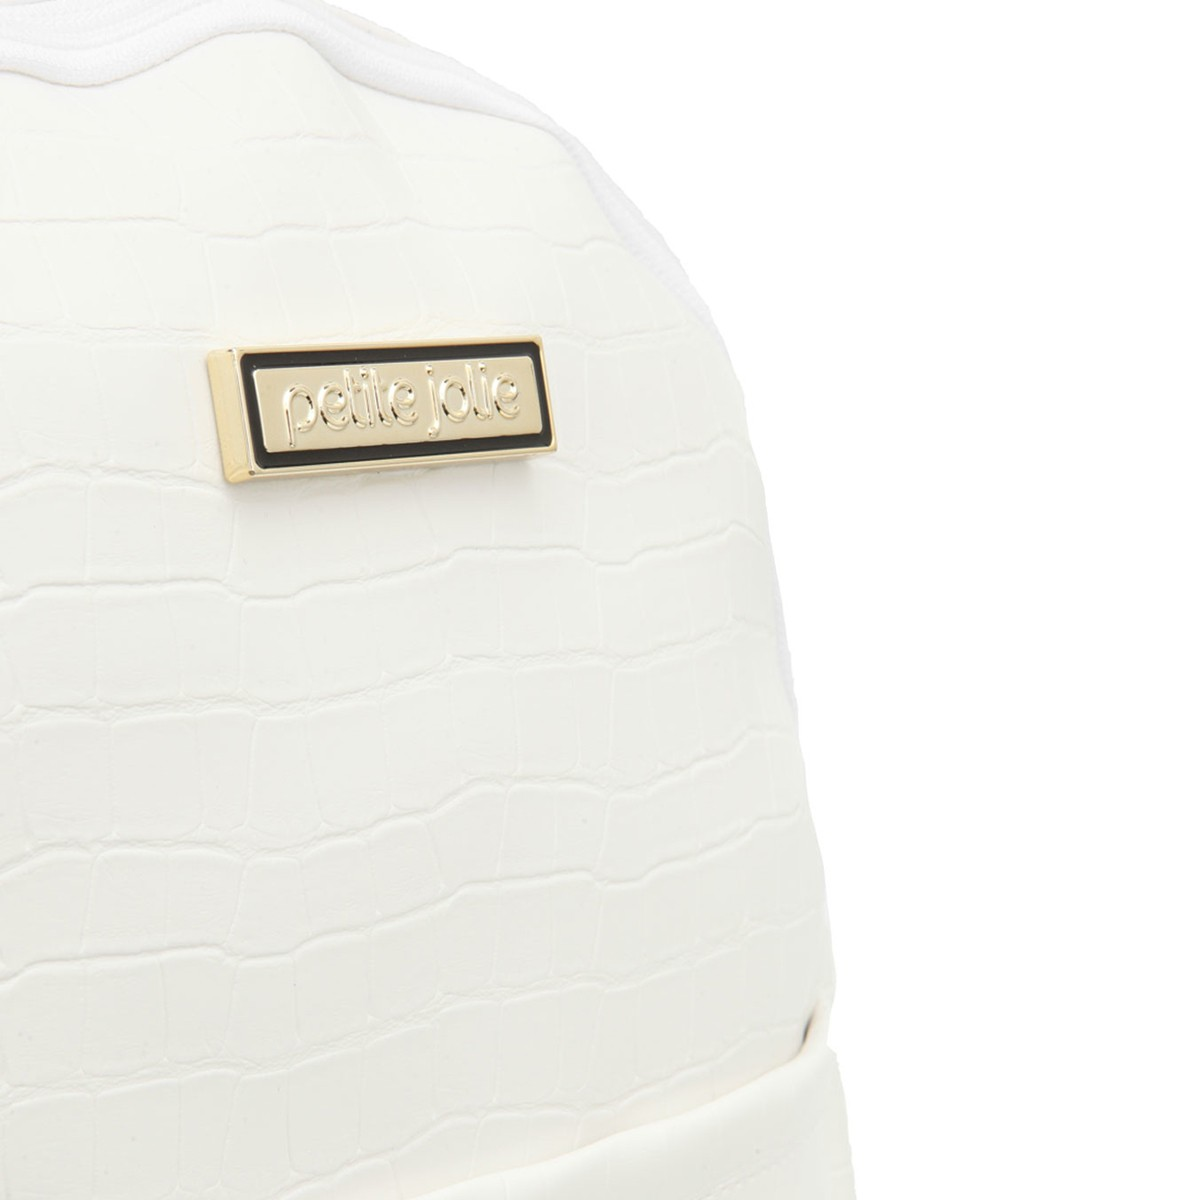 Mochila Petite Jolie PJ4253 Croco Branca